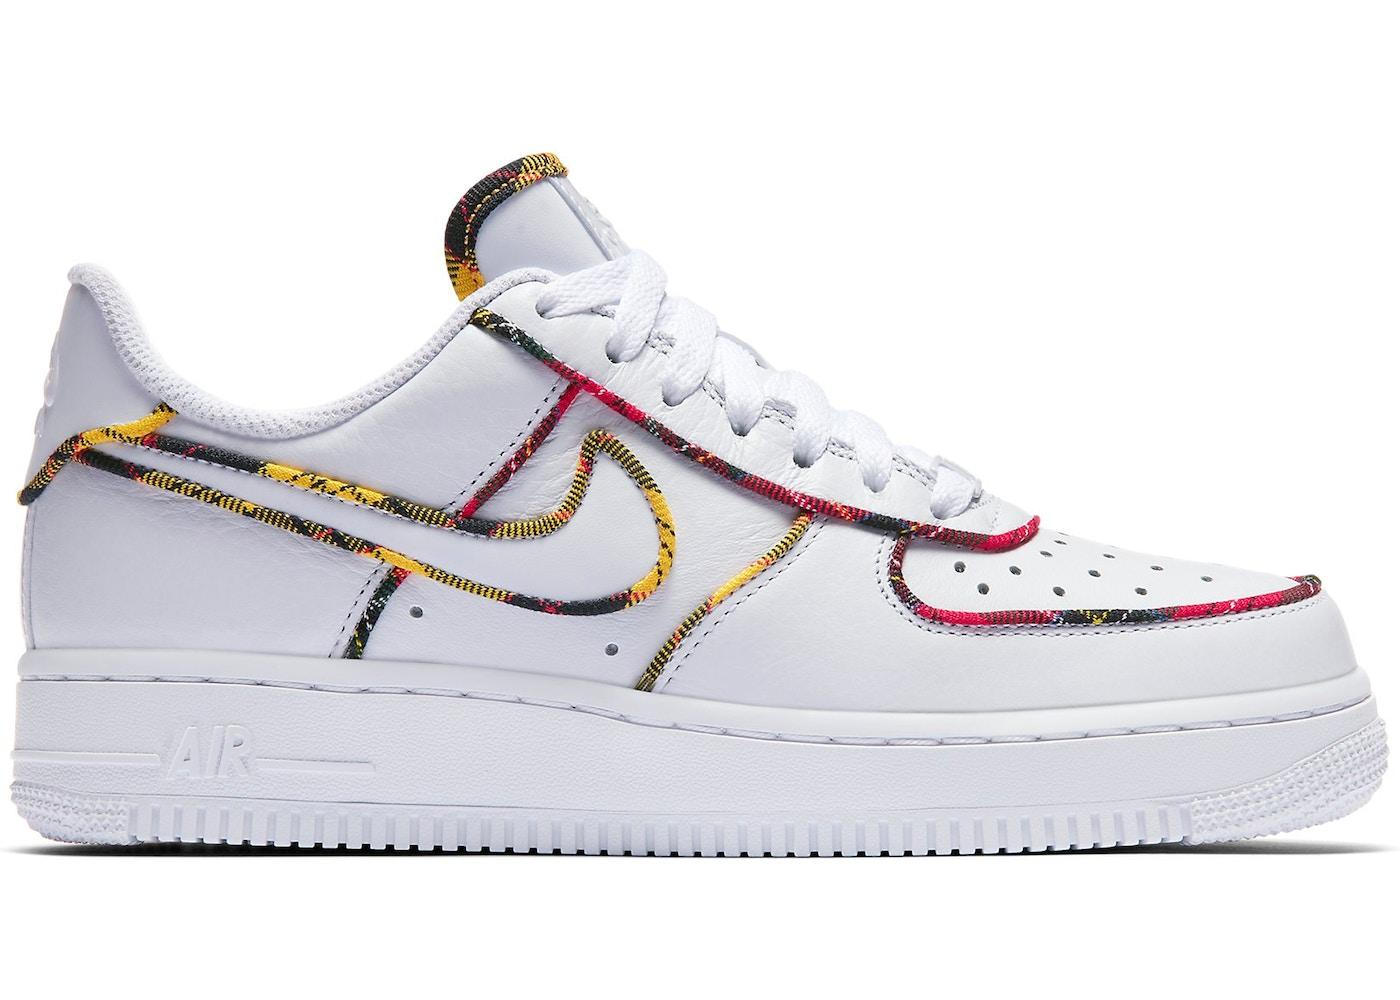 Nike Air Force 1 Low Tartan White